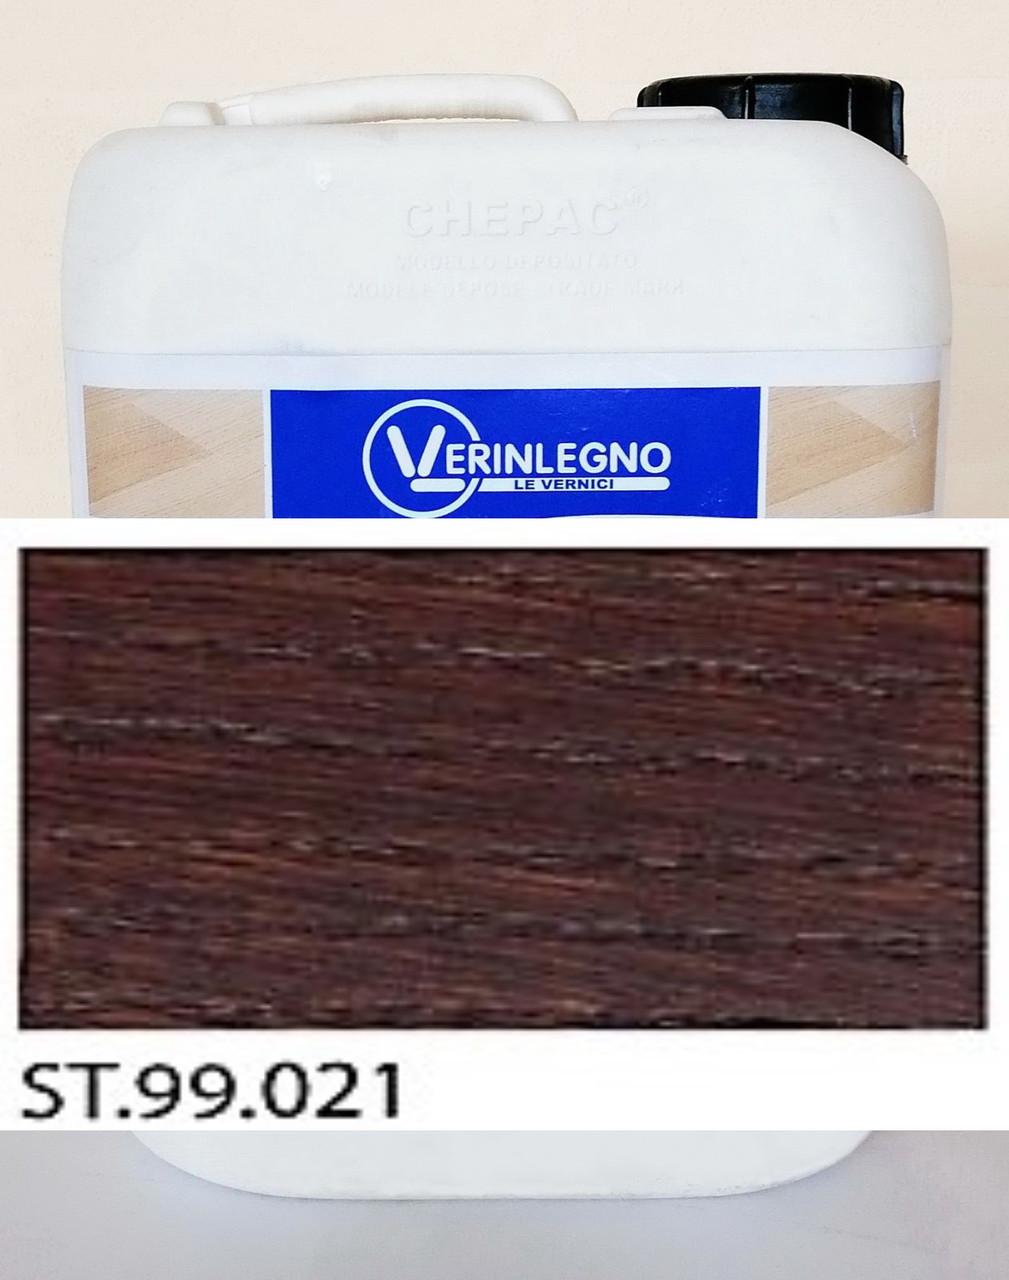 Барвник (морилка, просочення, бейц) для дерева VERINLEGNO ST.99.021, тара: 1л.